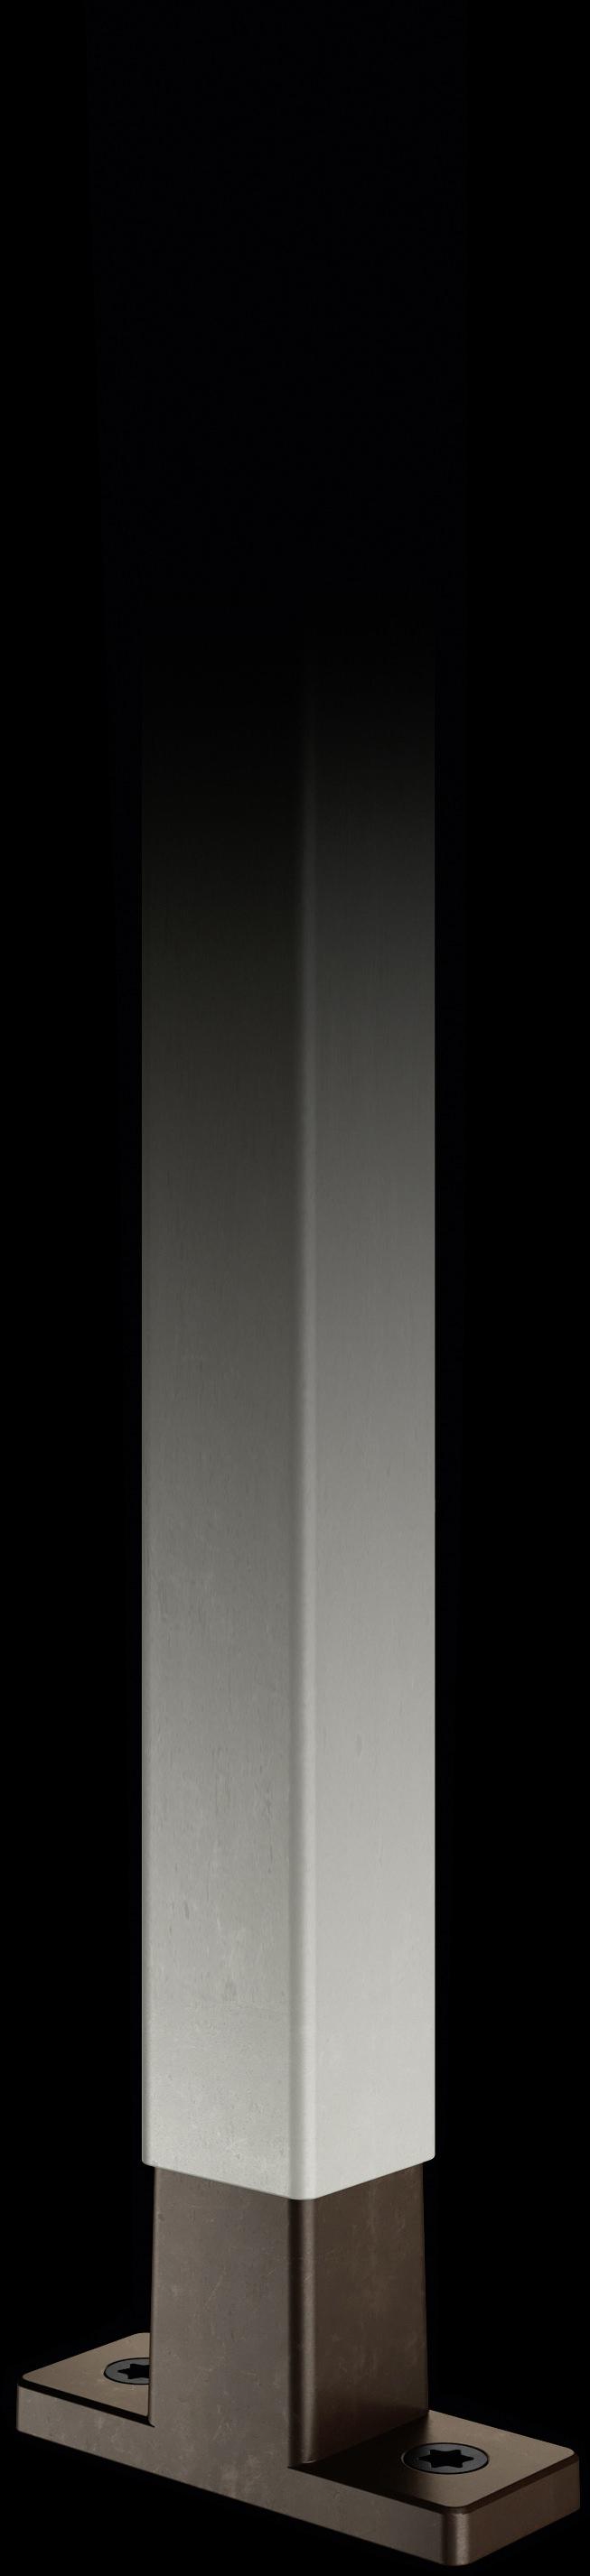 Mattnickel-Strebe mit T-Konnektor aus Kupfer